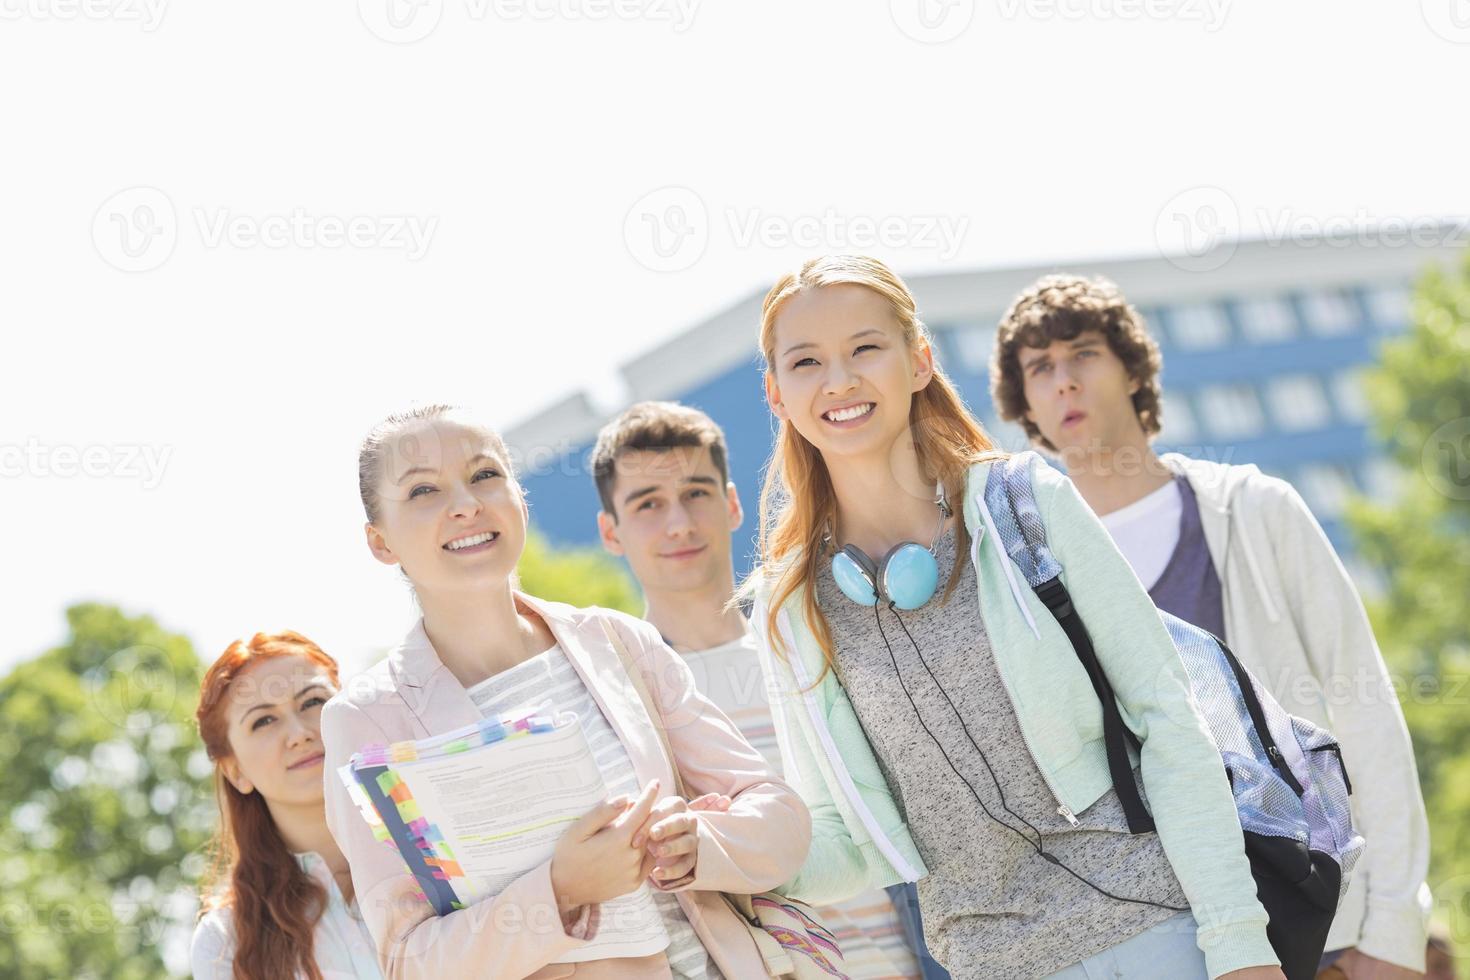 giovani studenti sorridenti che stanno insieme al campus universitario foto